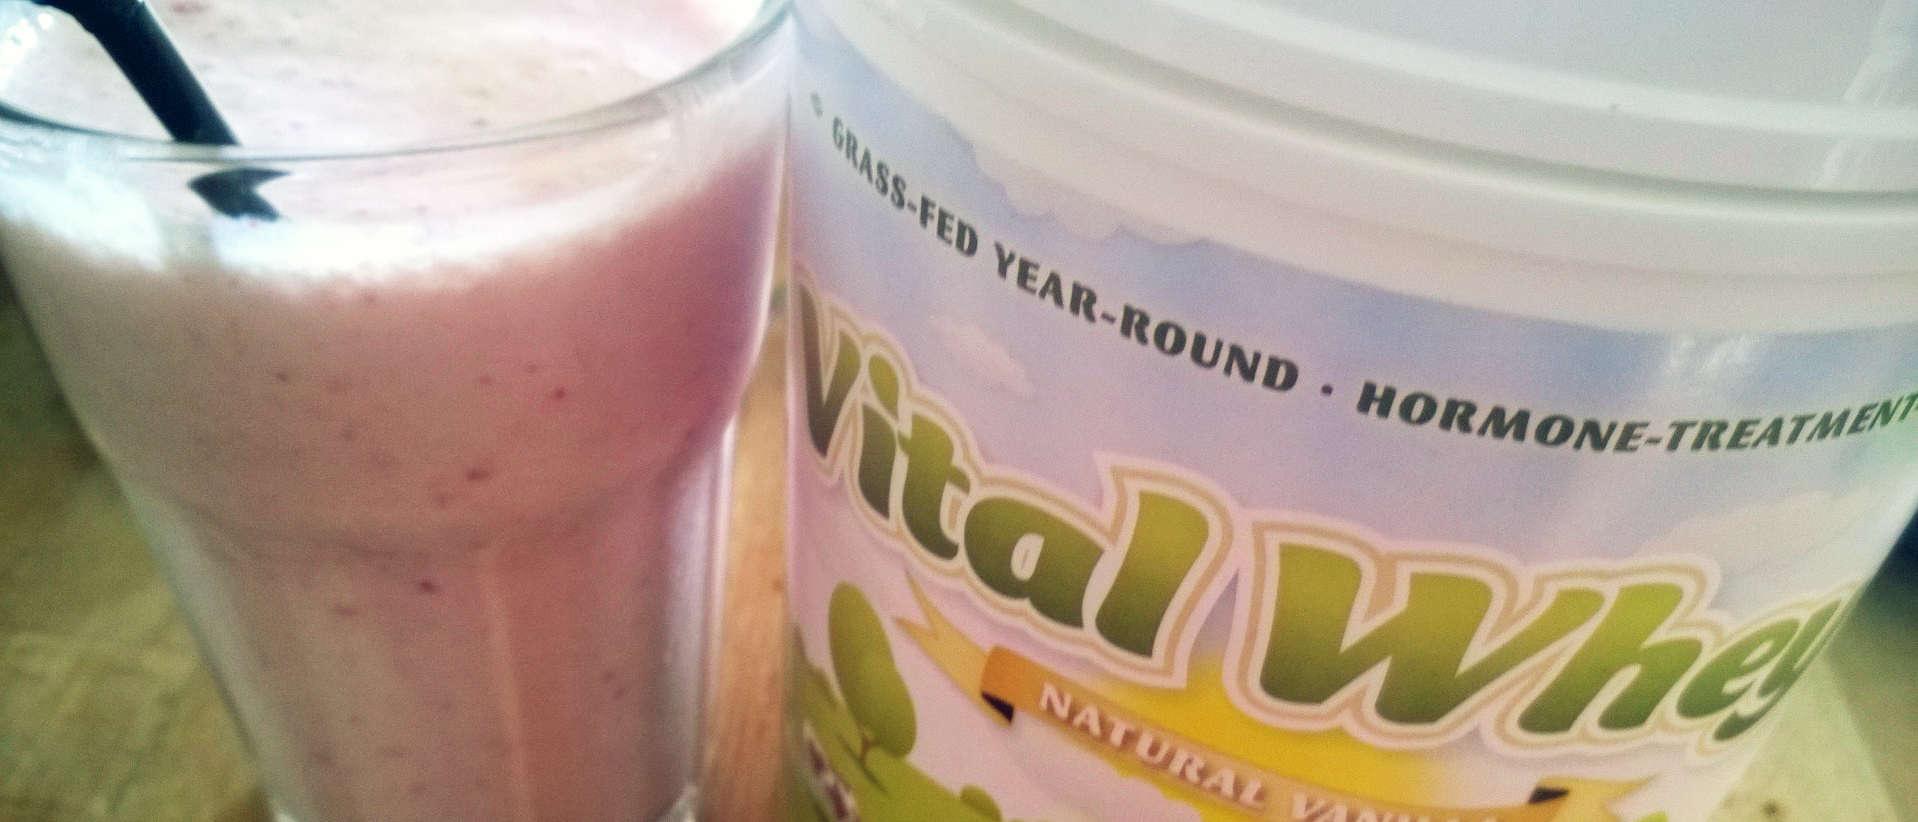 Voor deze smoothie gebruikte ik vital whey vanille als eiwitpoeder.